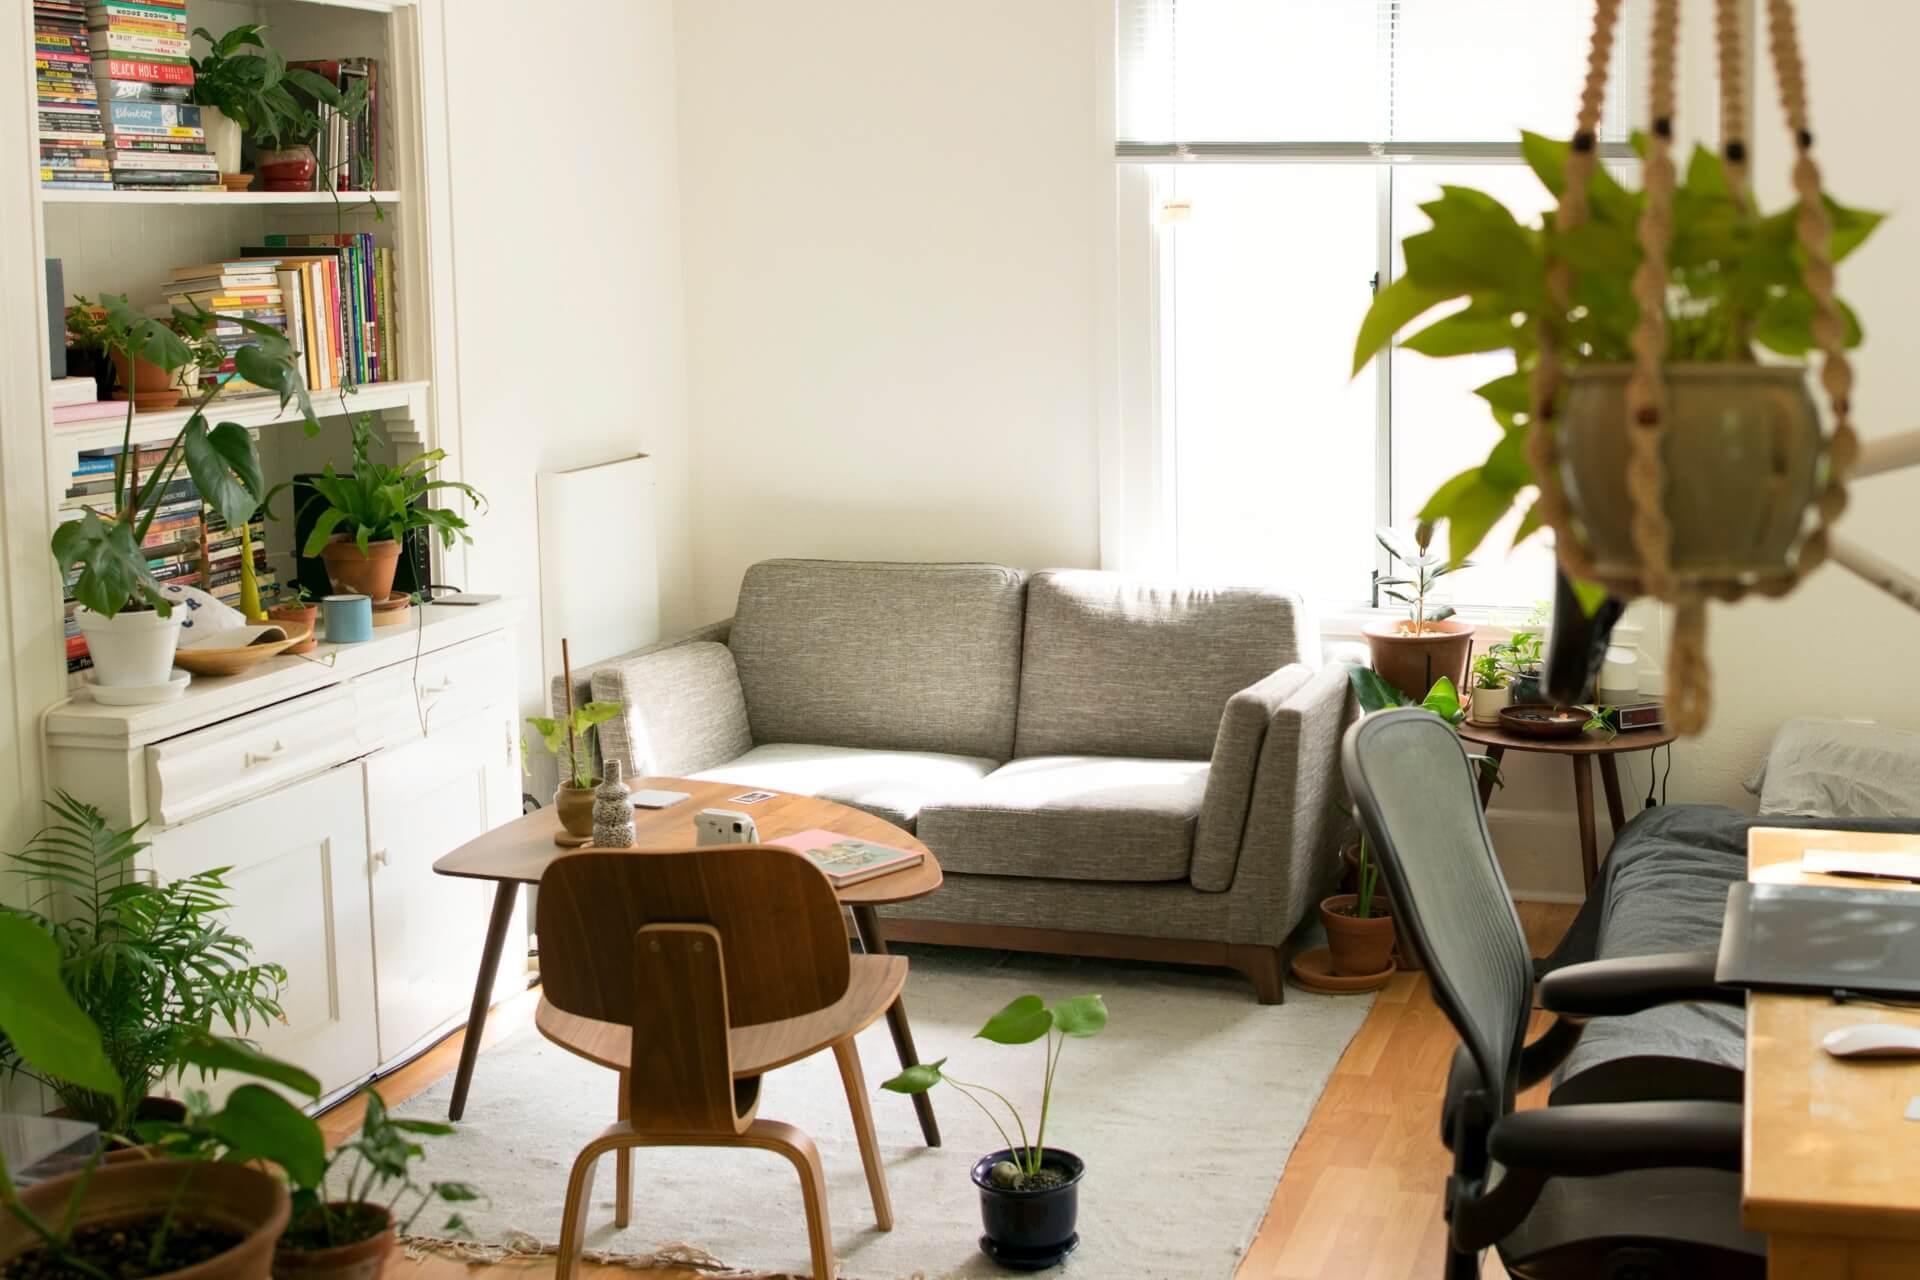 salon z kwiatami, kanapą i stolikiem